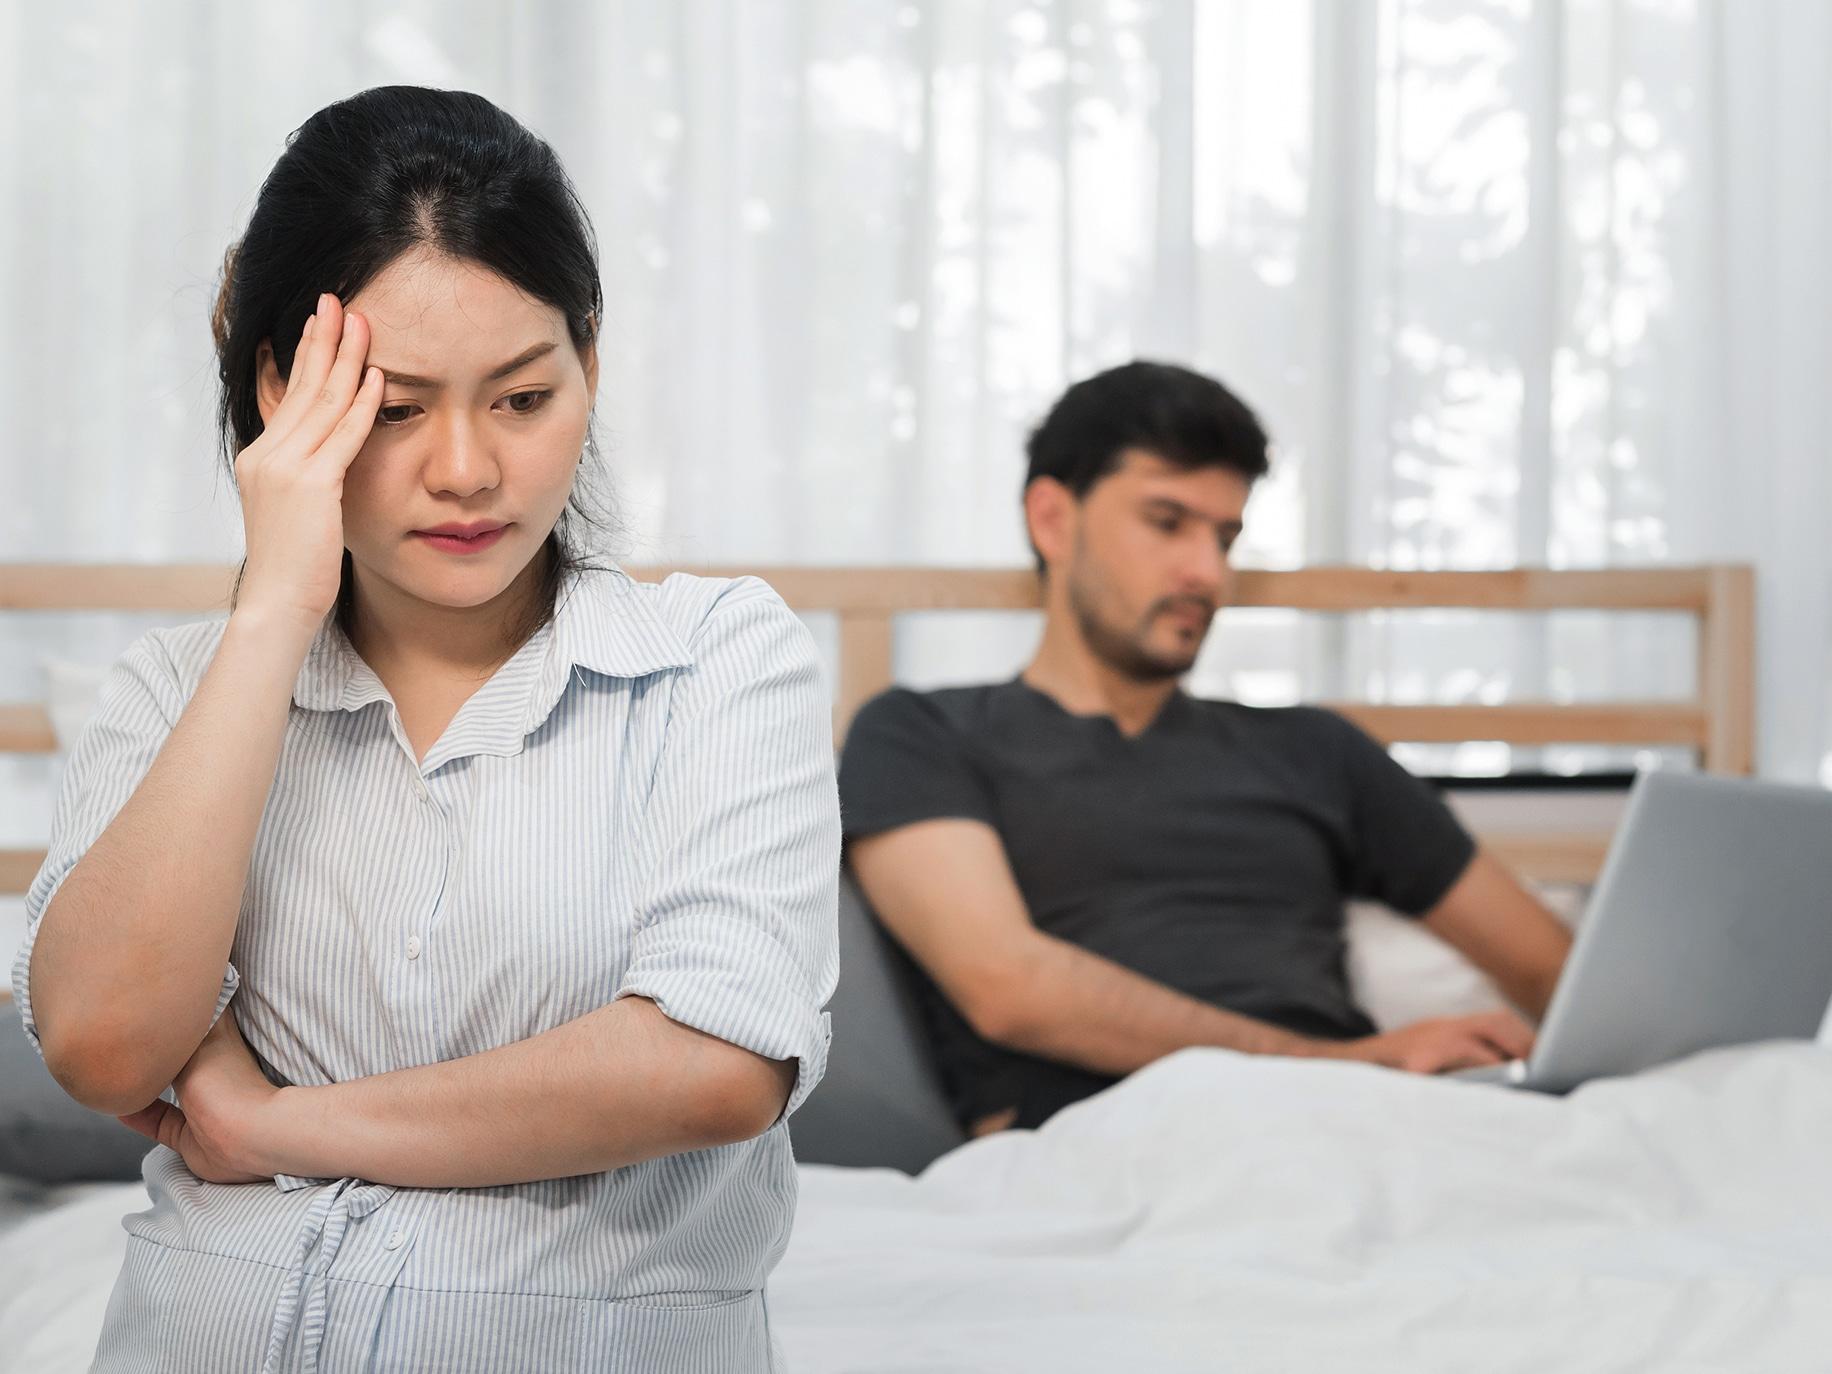 căng thẳng trong thai kỳ